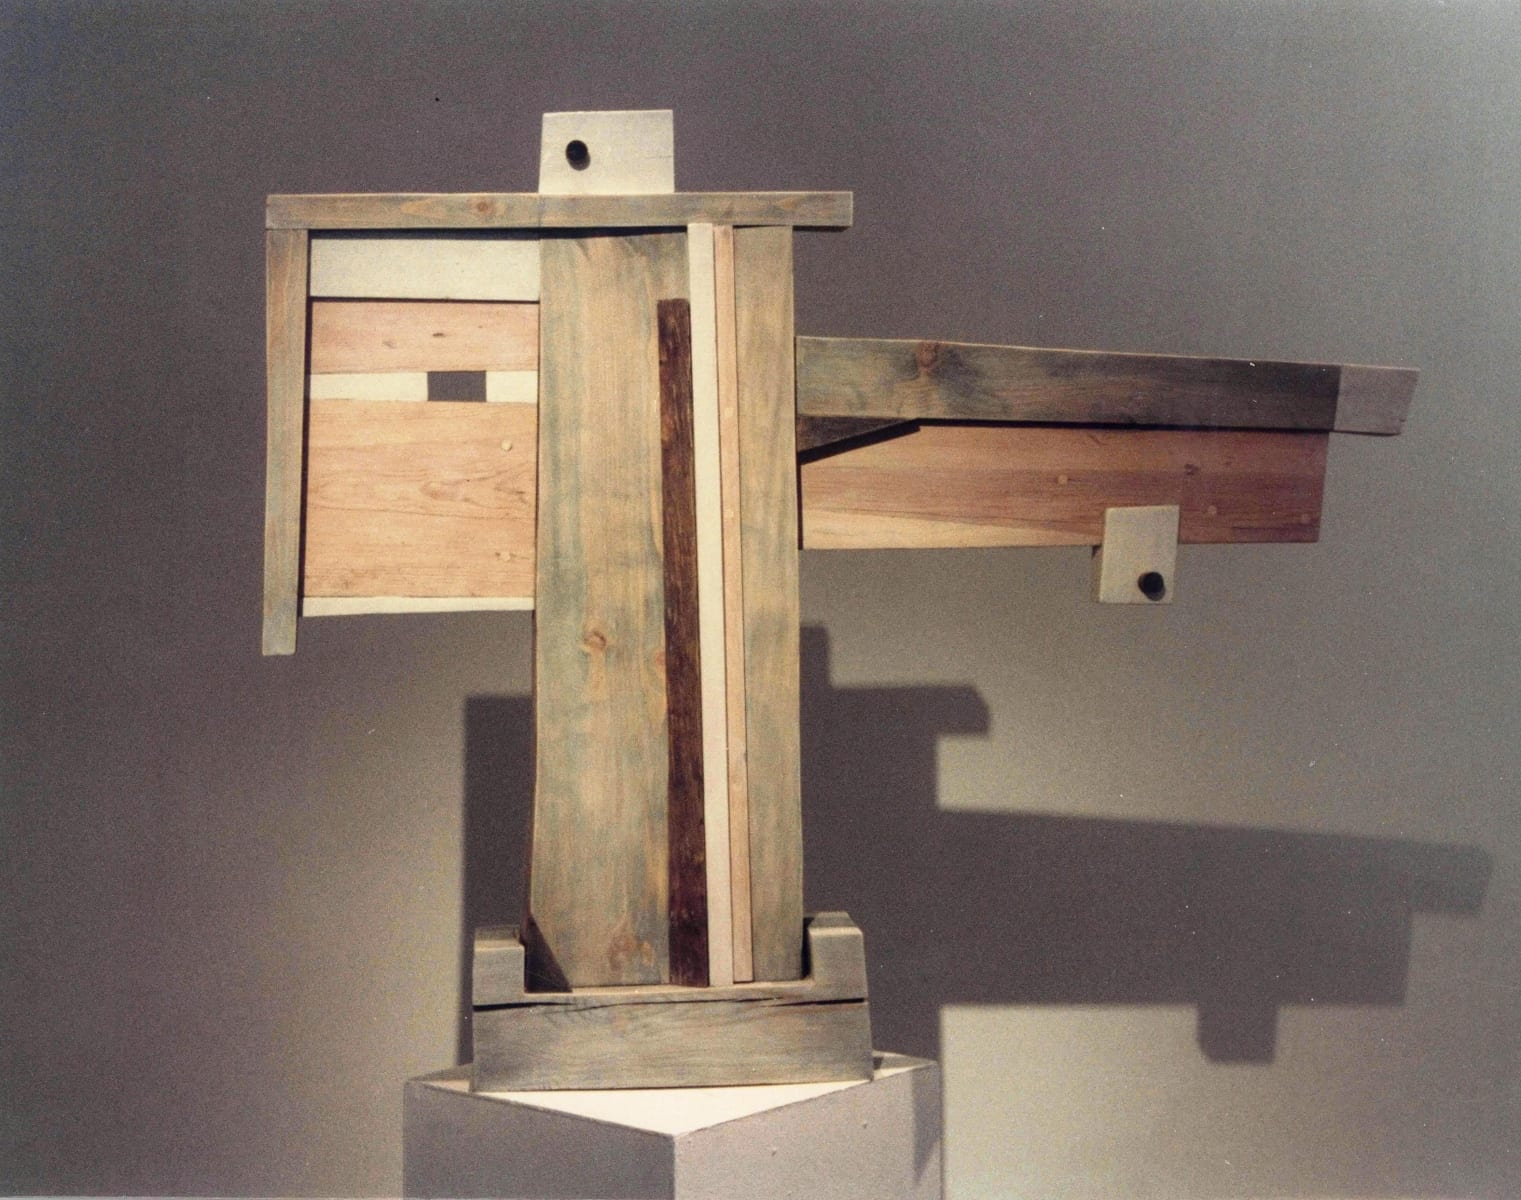 """""""NIMETU III"""" 1996 puu<br/> """"NAMELESS III 1996 wood"""